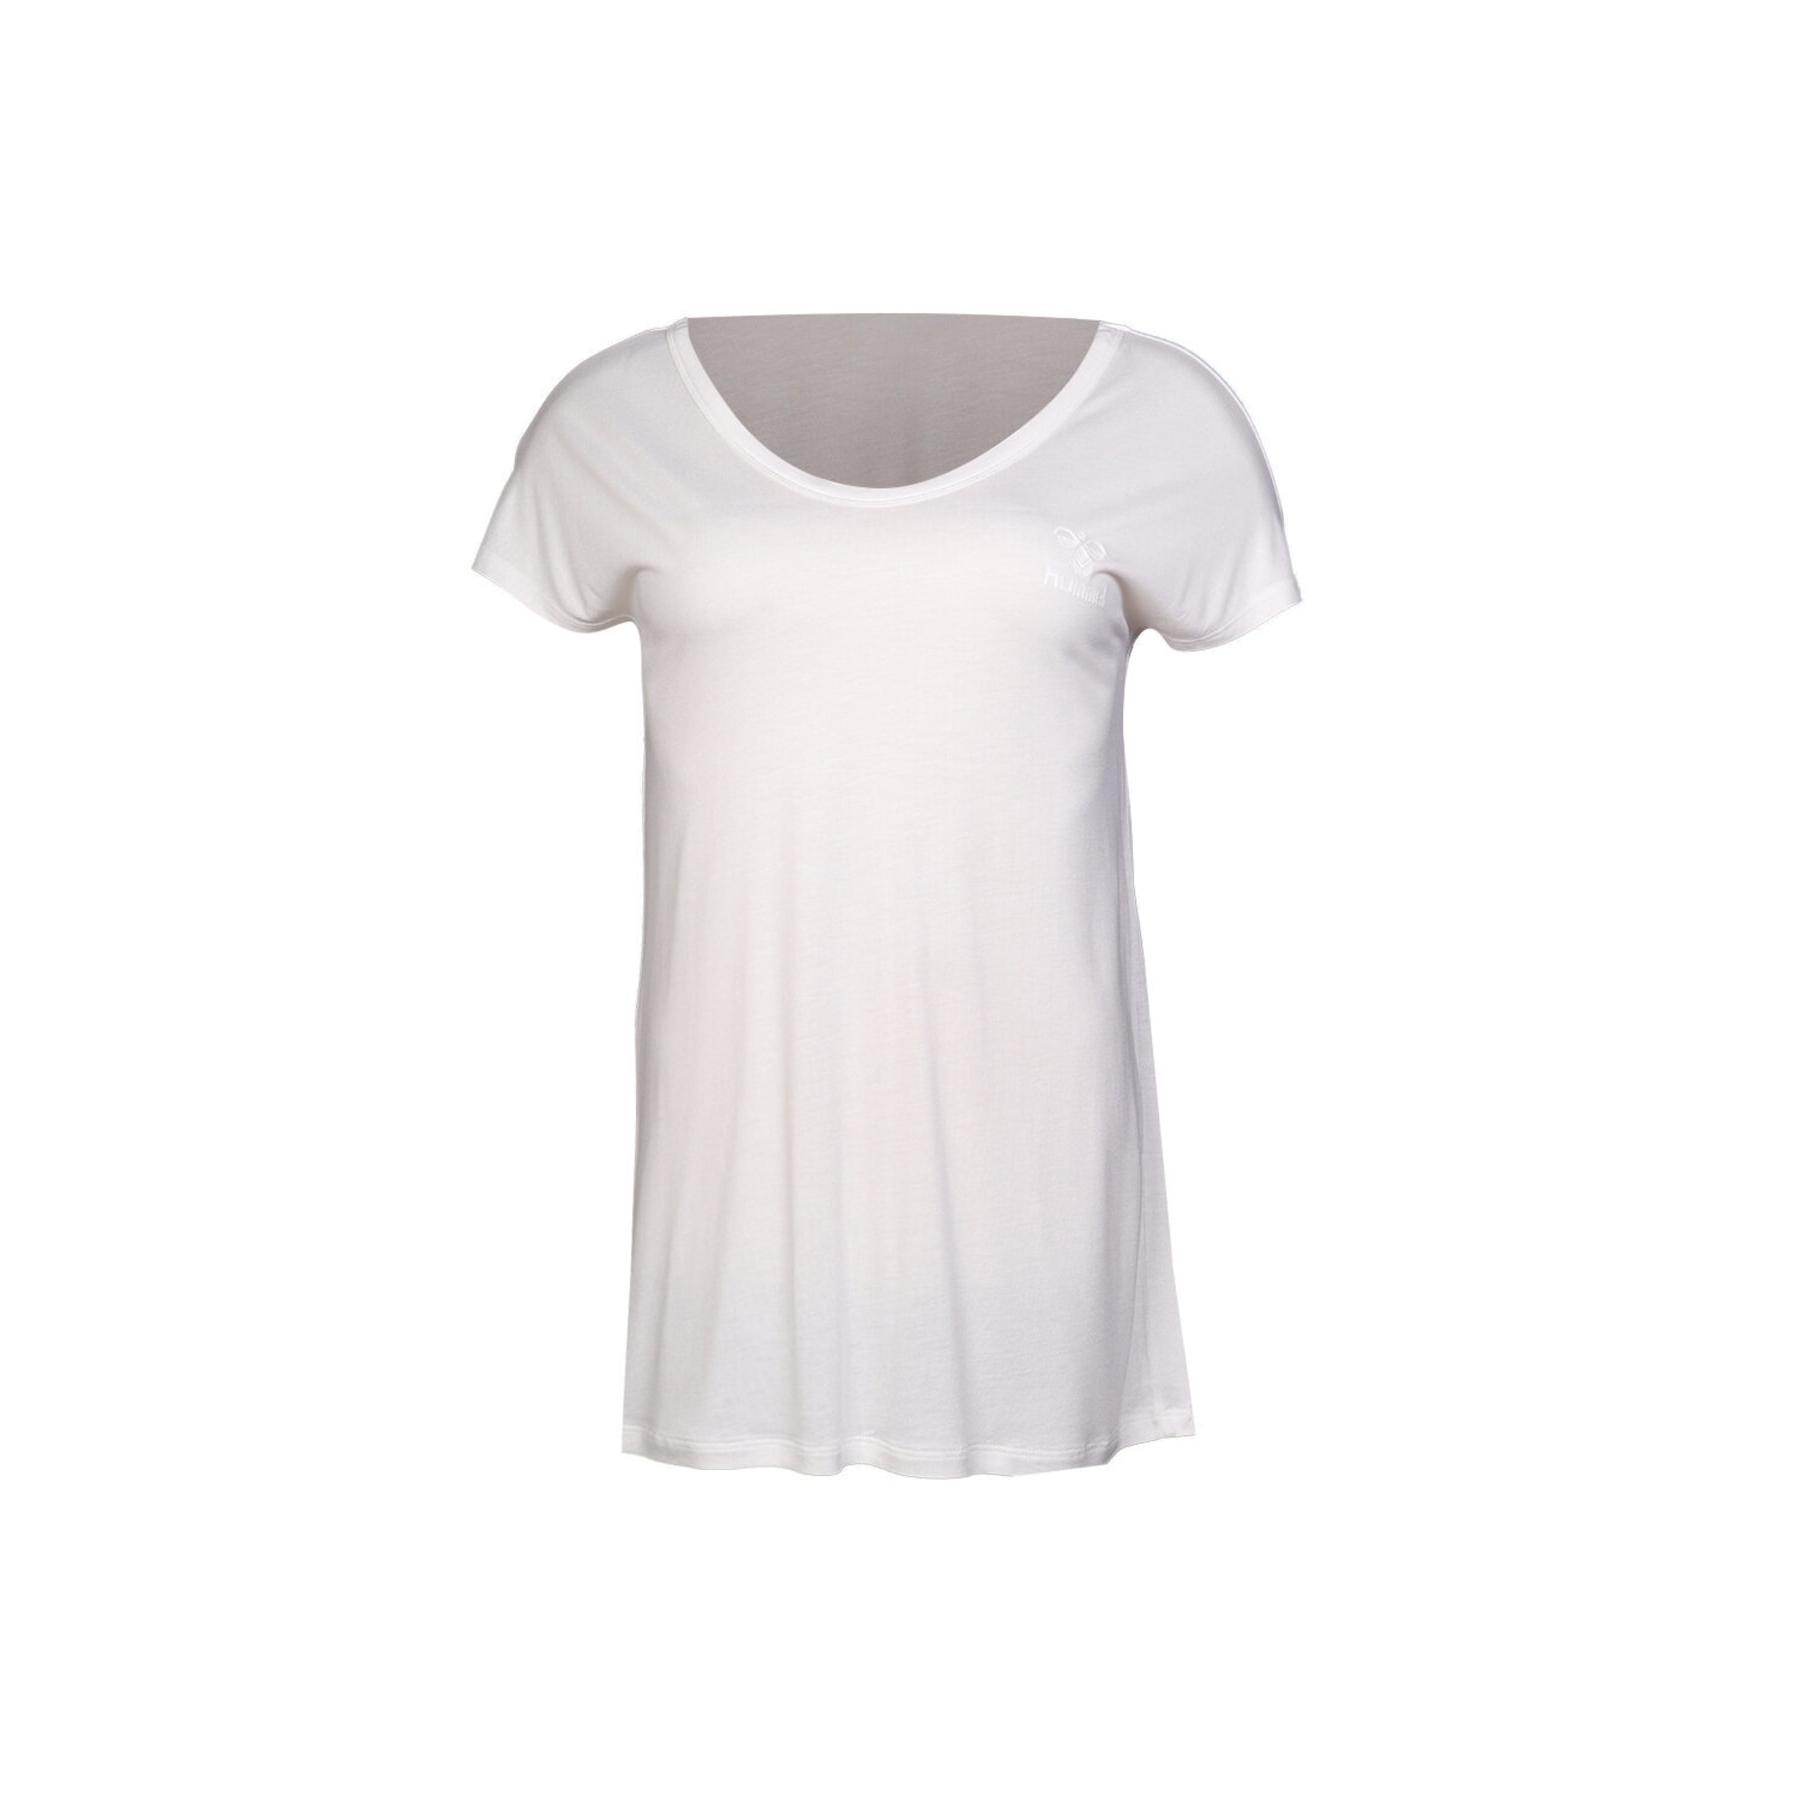 Jeremys Kadın Beyaz Tişört (910986-9003)